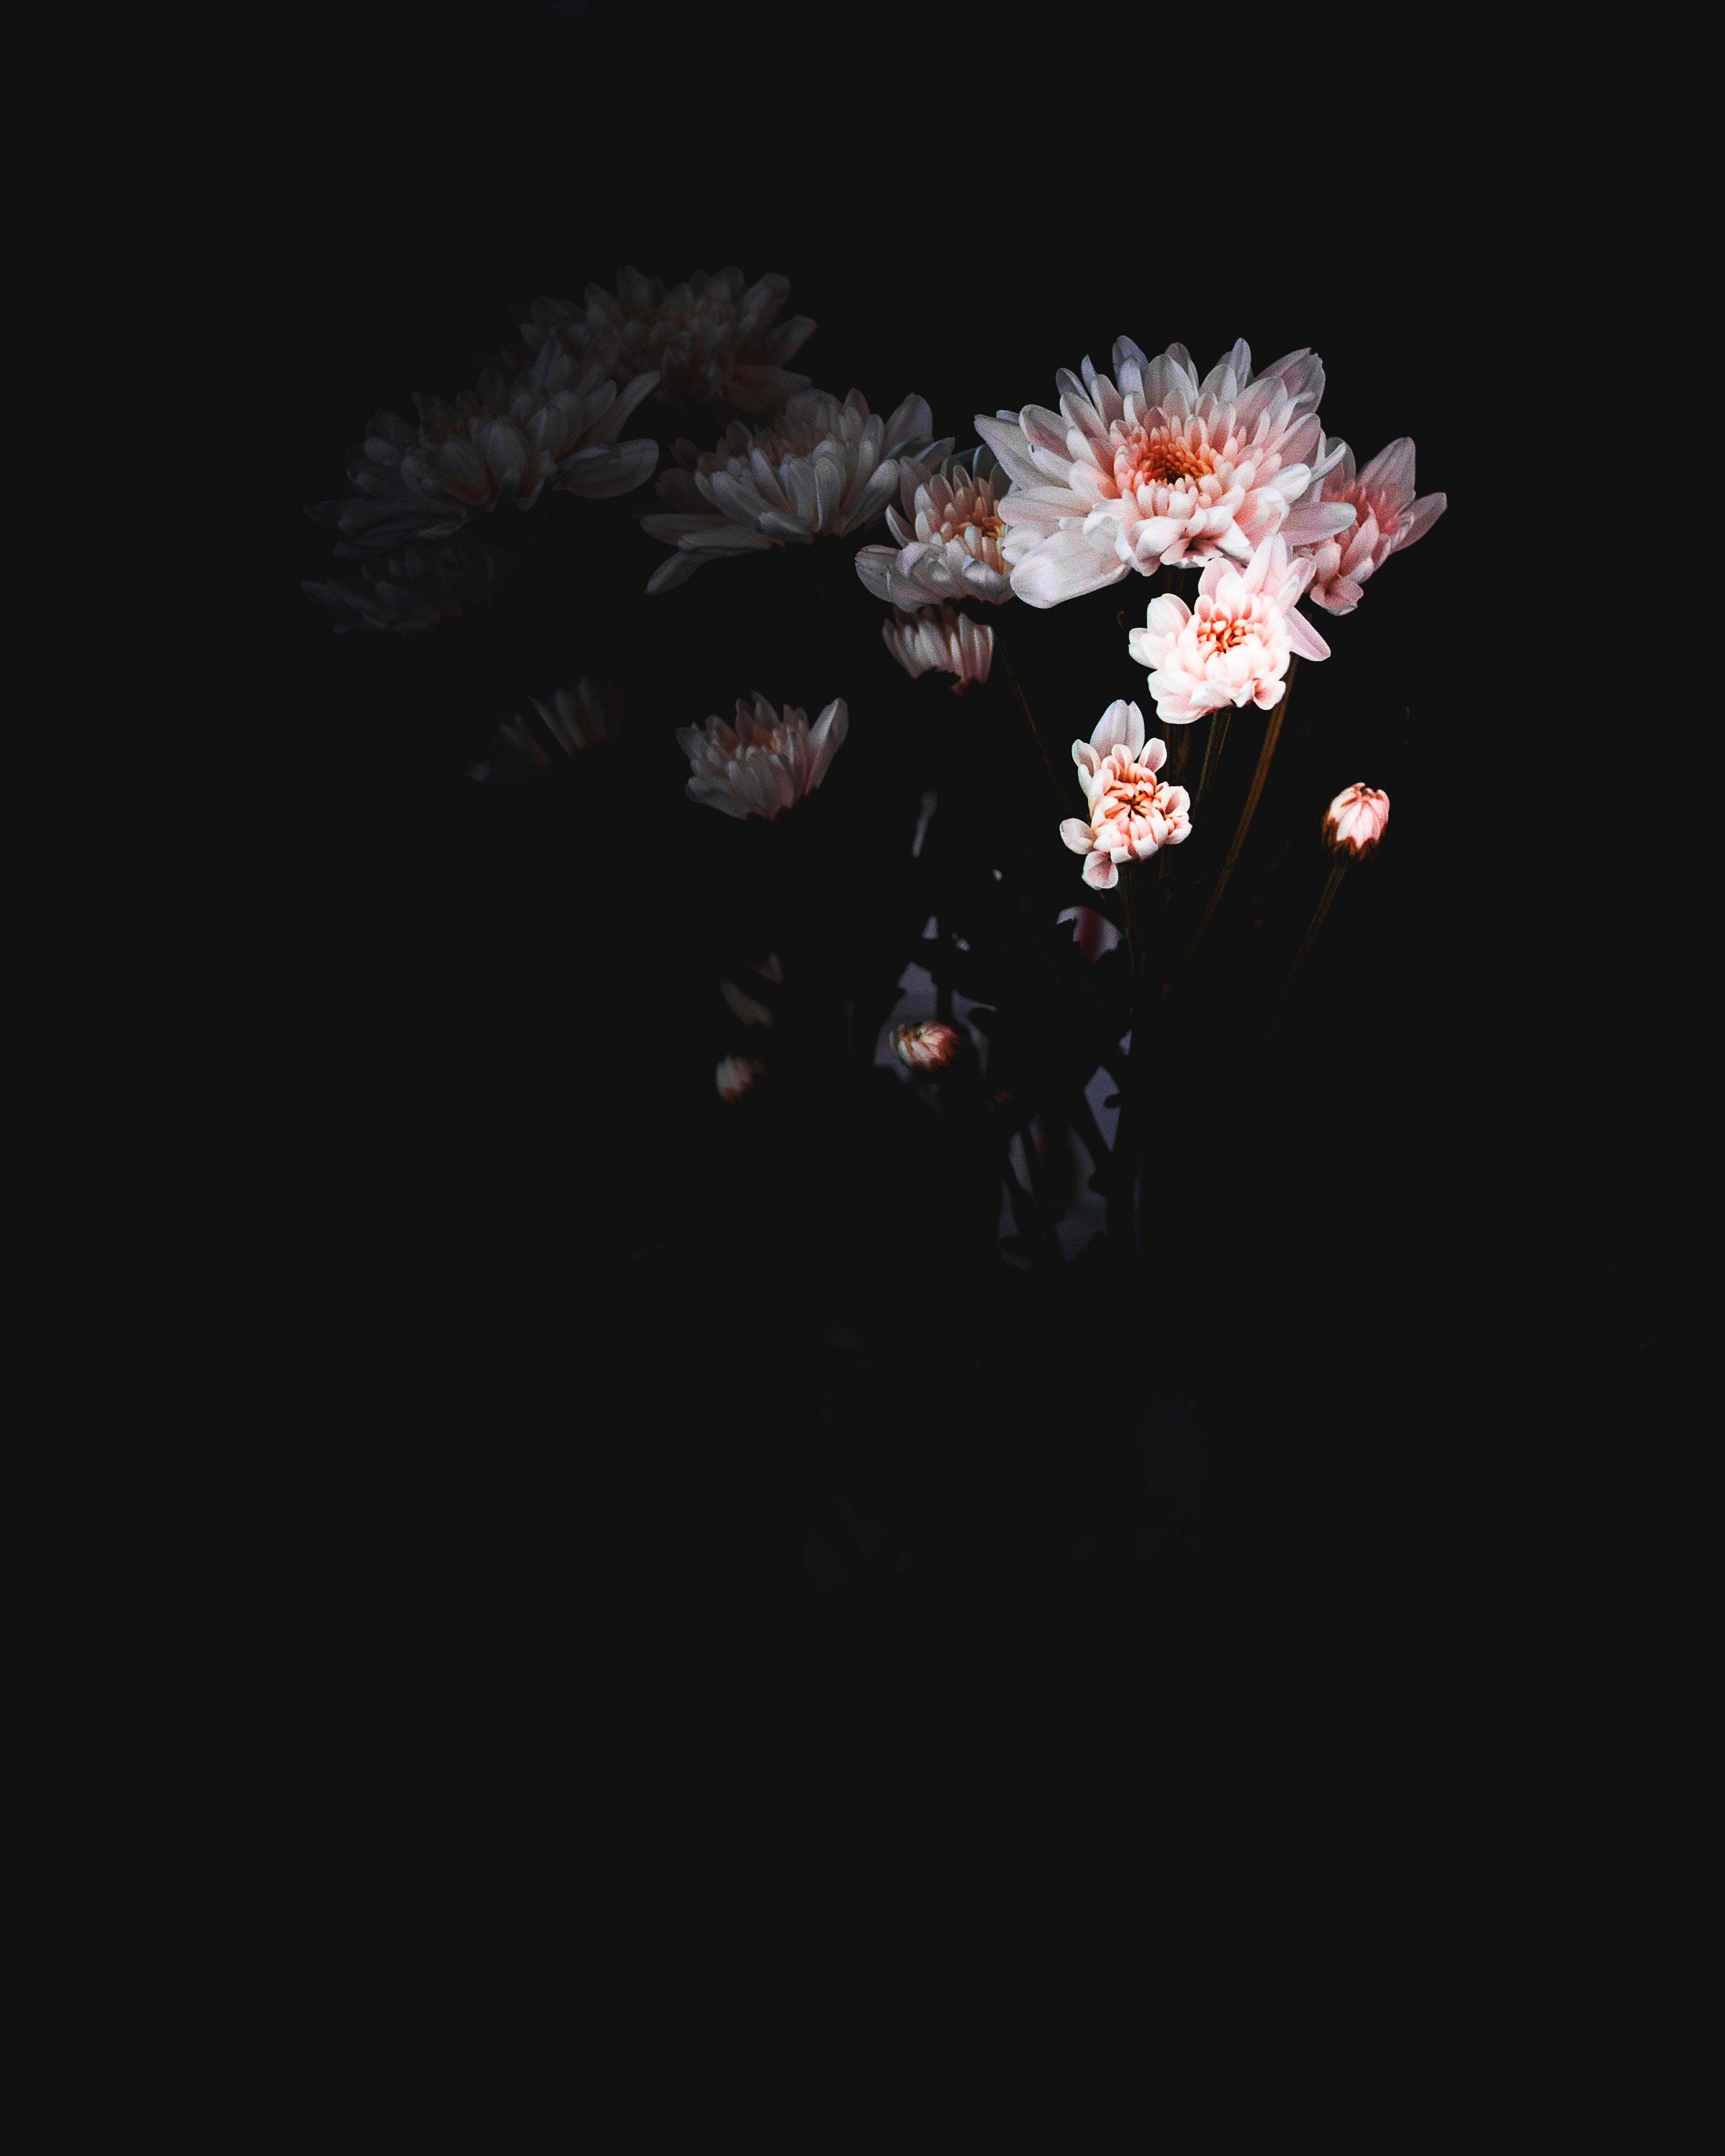 Lotus Flower Screensaver